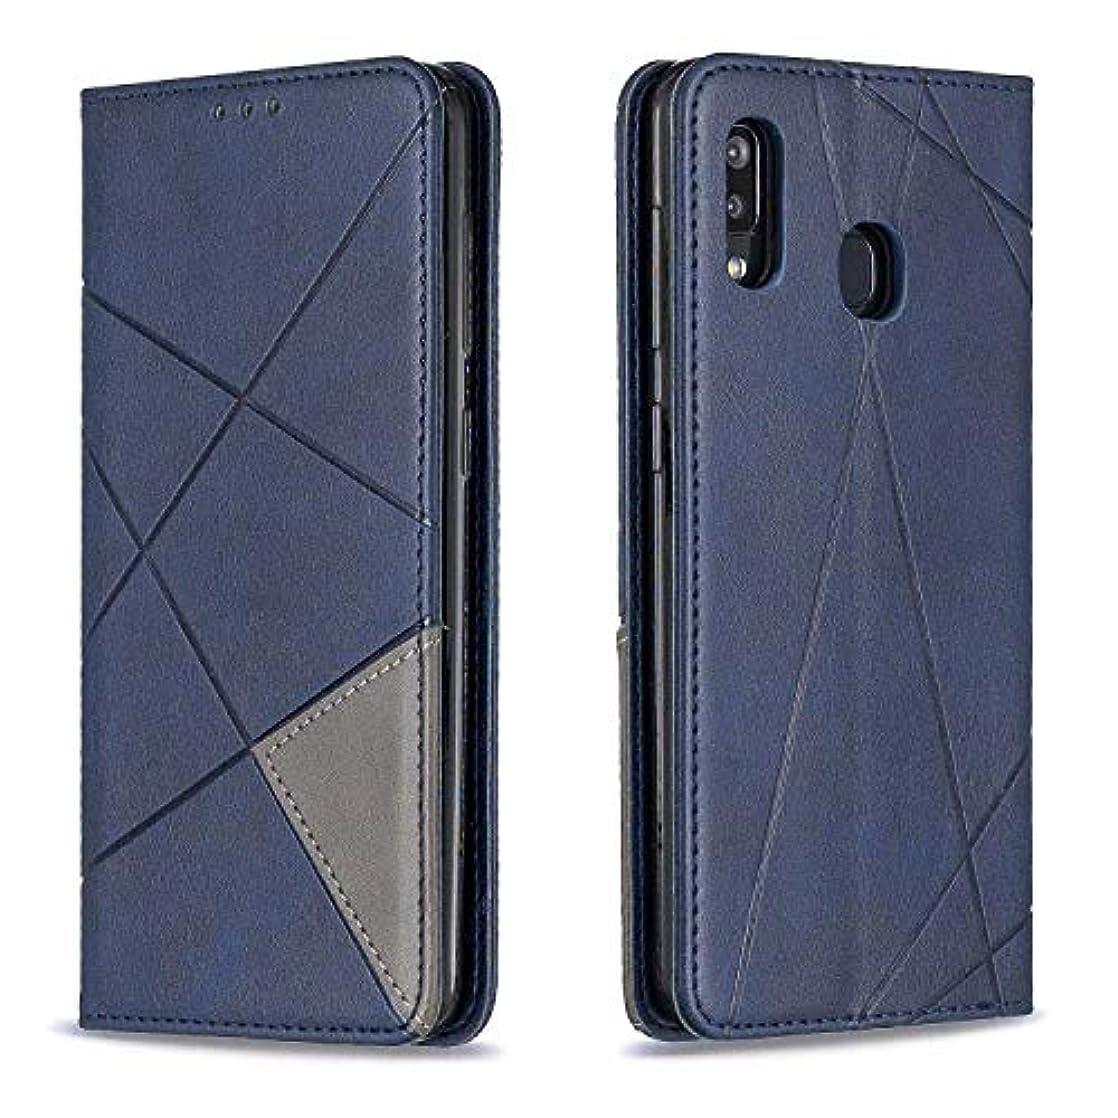 安いです復活キャプテンCUSKING Galaxy A30 / A20 ケース, 高級 Samsung Galaxy A30 / A20 手帳型 スマホケース, PUレザー フリップ ノート型 カード収納 付き保護ケース, ブルー